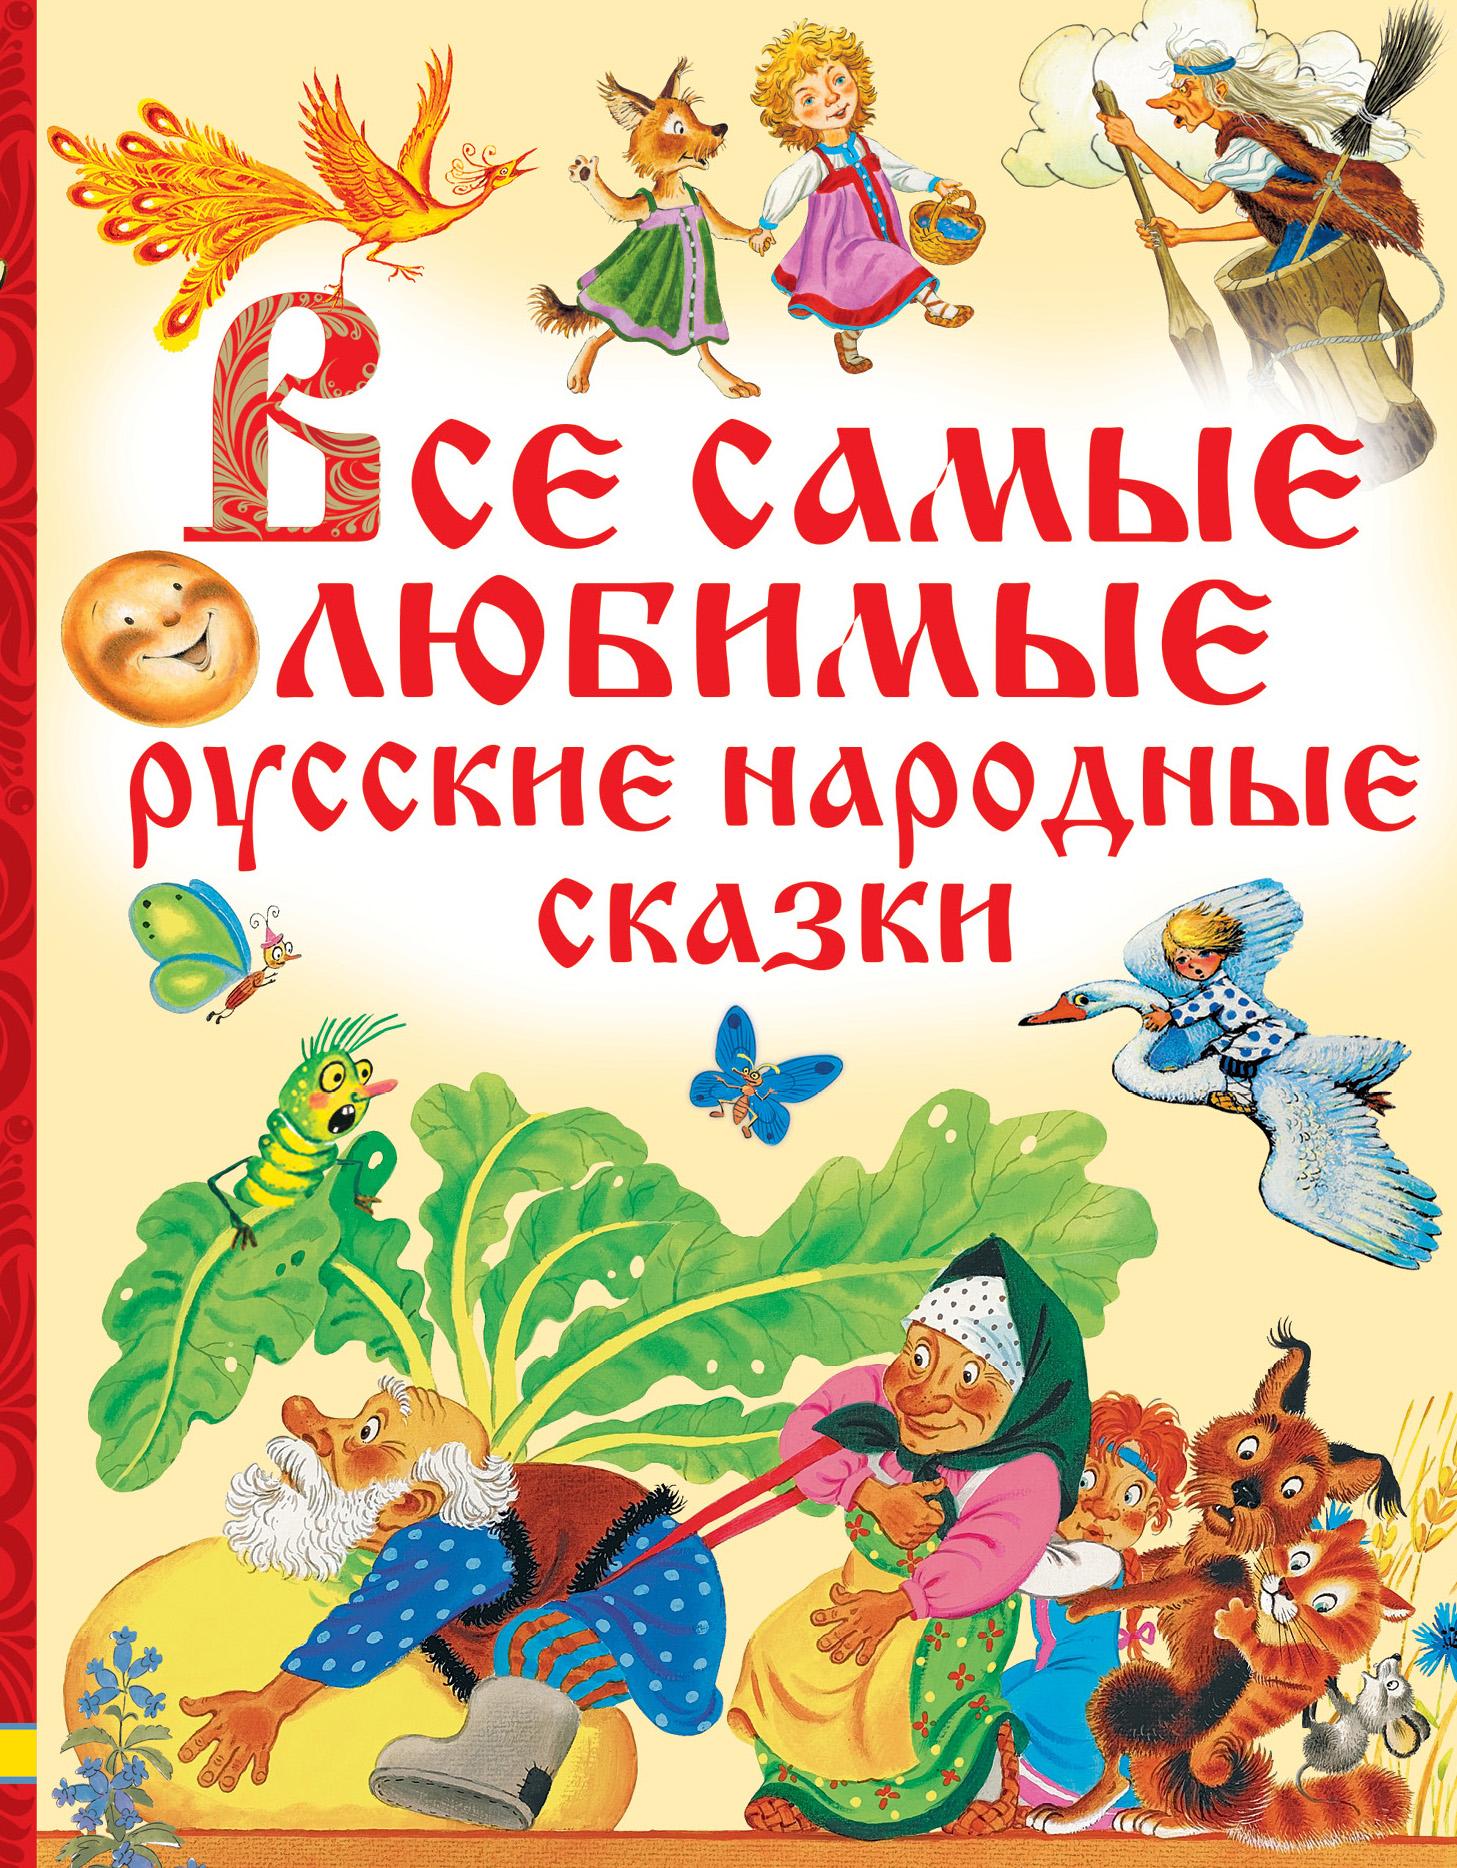 Народное творчество Все самые любимые русские народные сказки попугаева о непомнящий д худ самые любимые русские сказки isbn 9785271181481